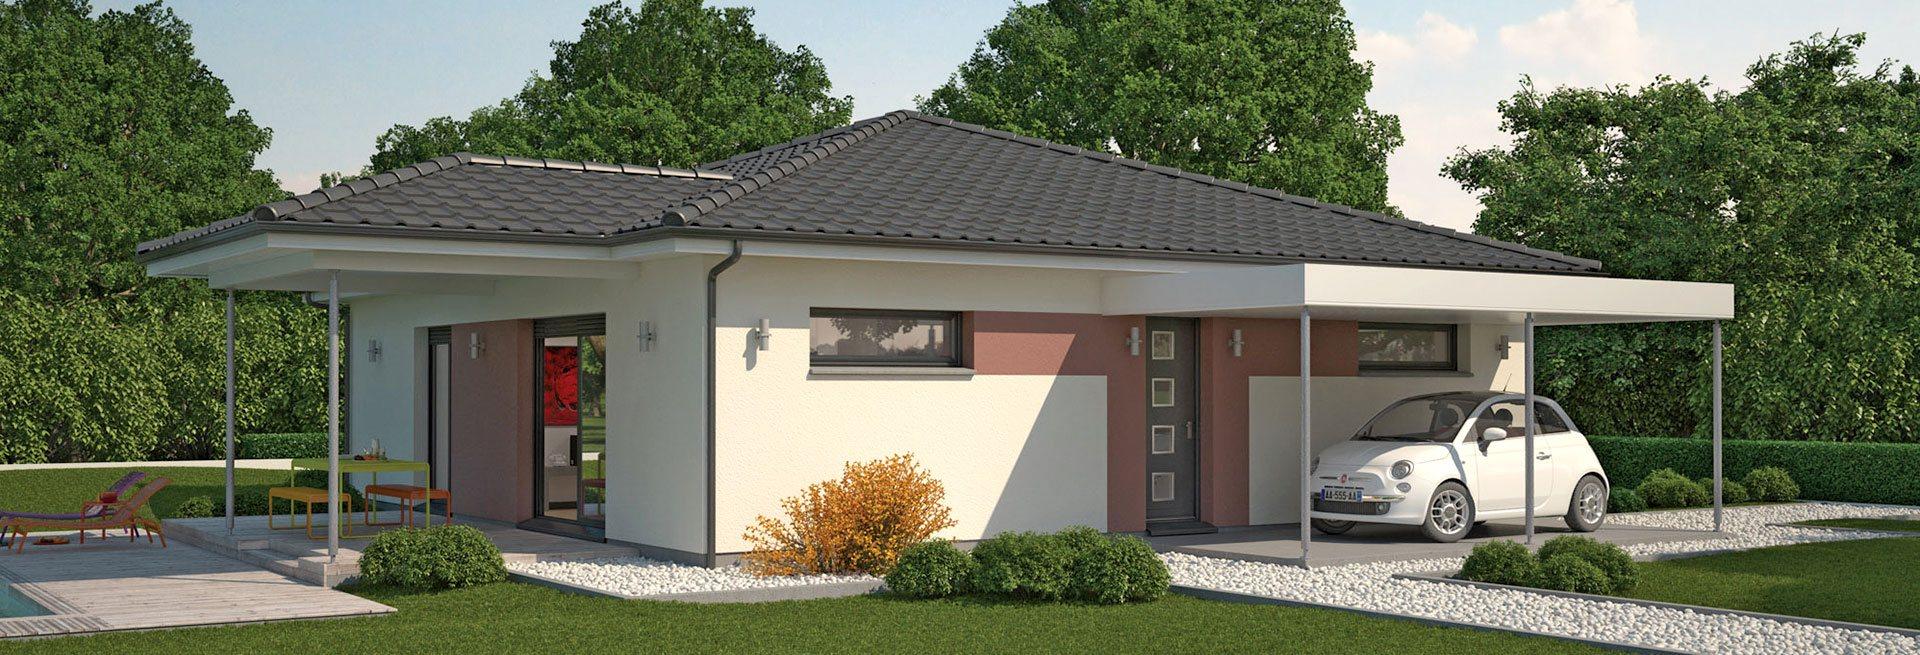 Villa basse 2016 maison moderne for Plan villa basse moderne